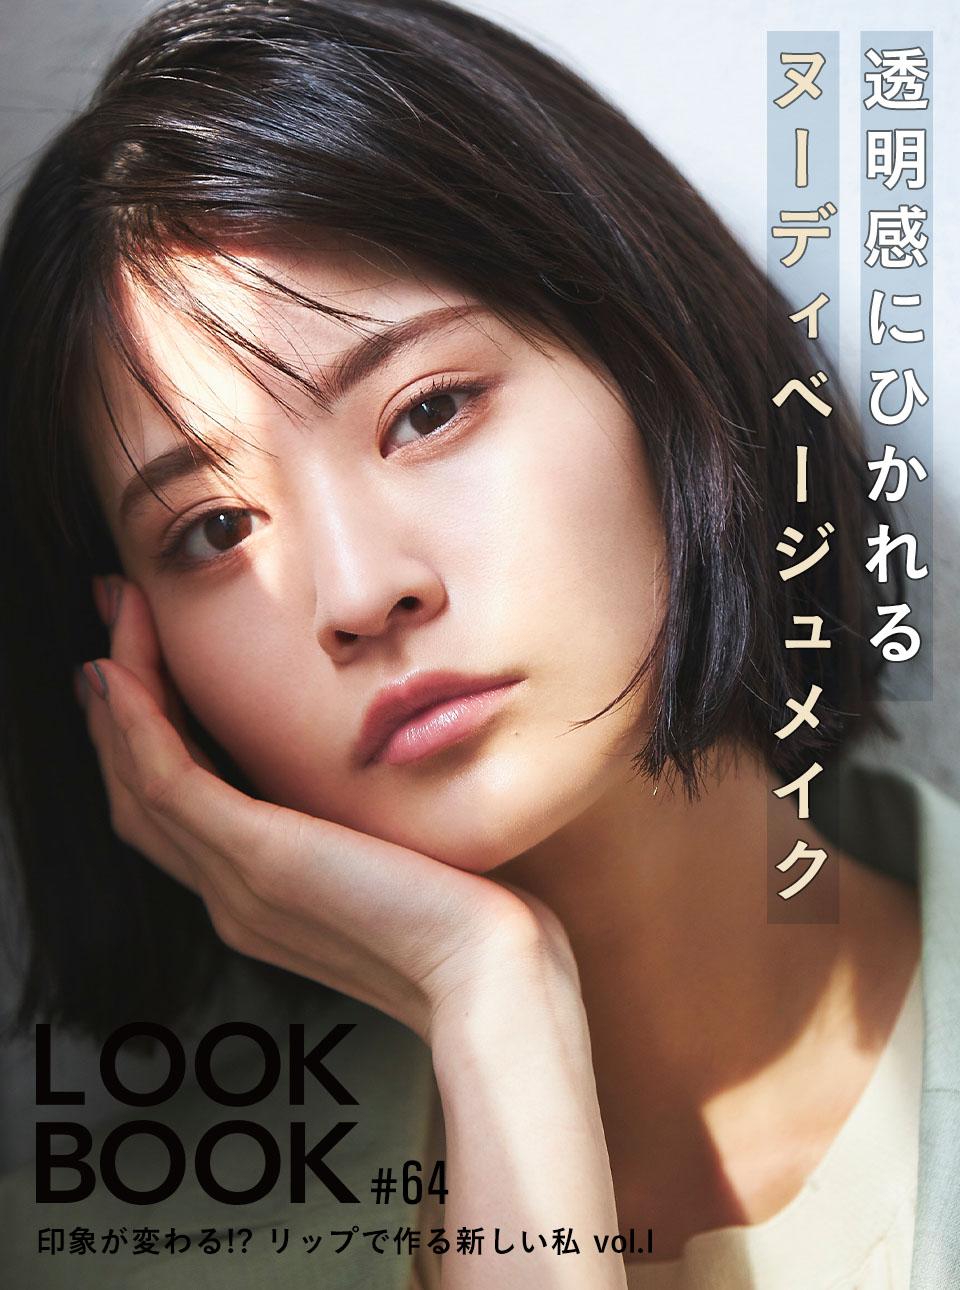 LOOKBOOK64